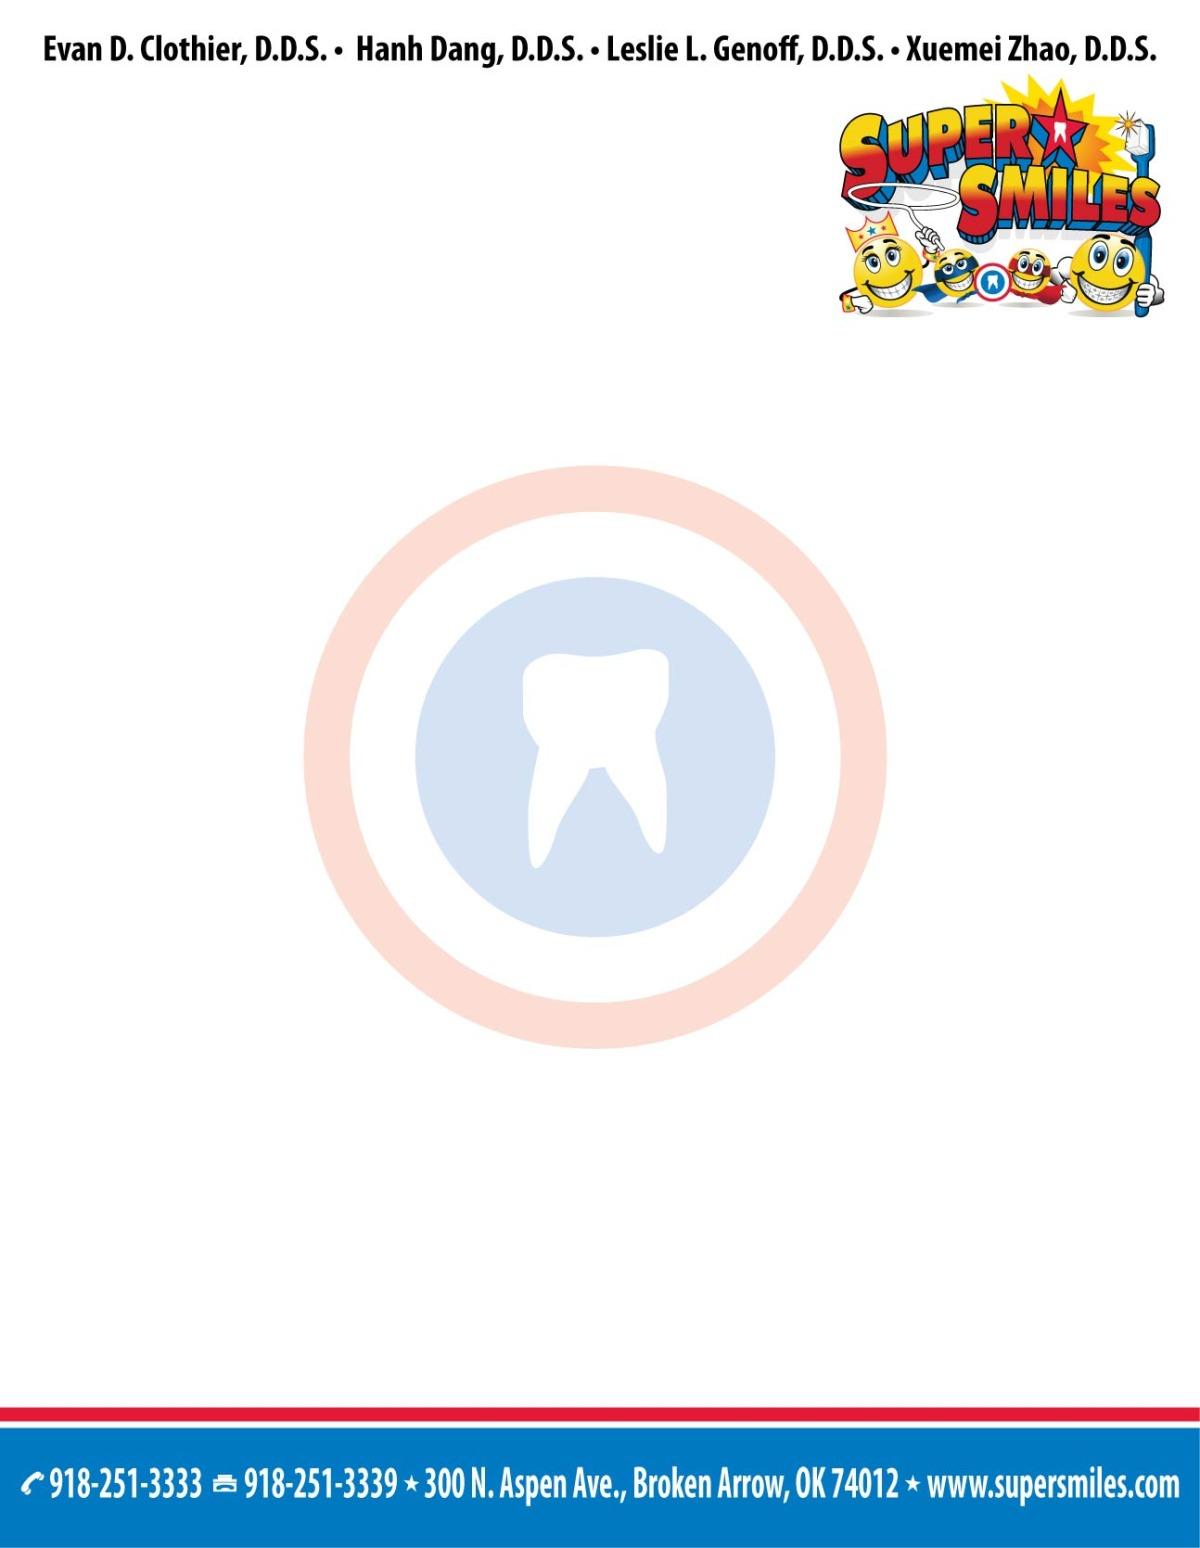 super smiles letterhead.jpg